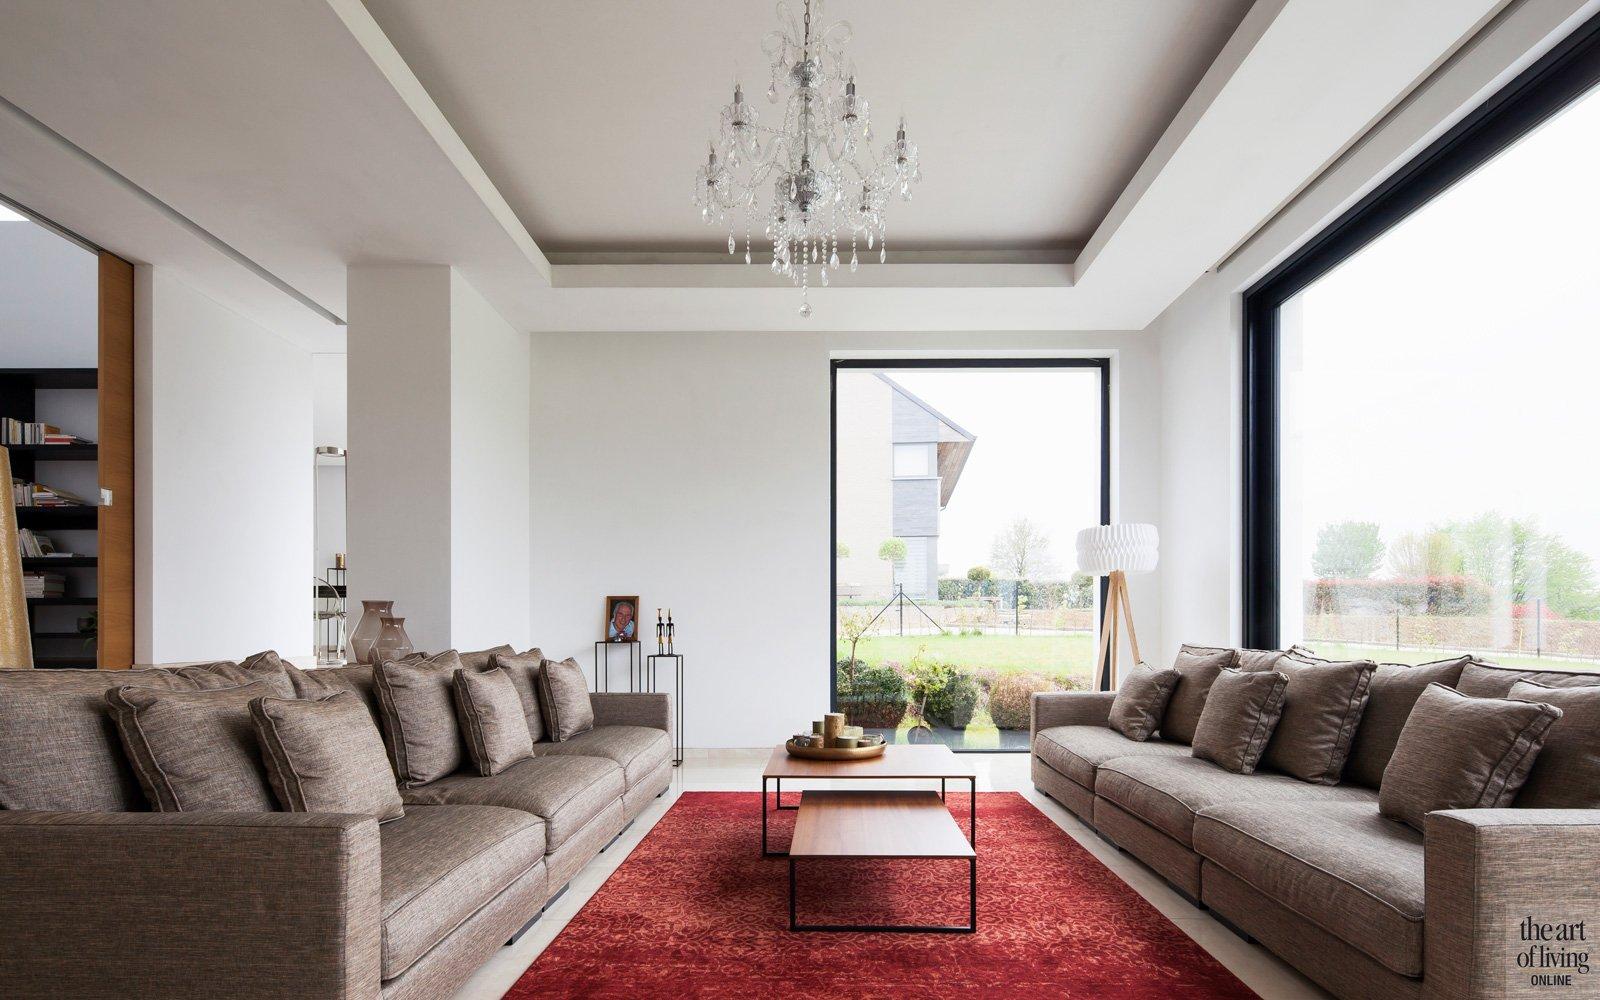 Gezellige woonkamer met rood tapijt. Veel licht inval